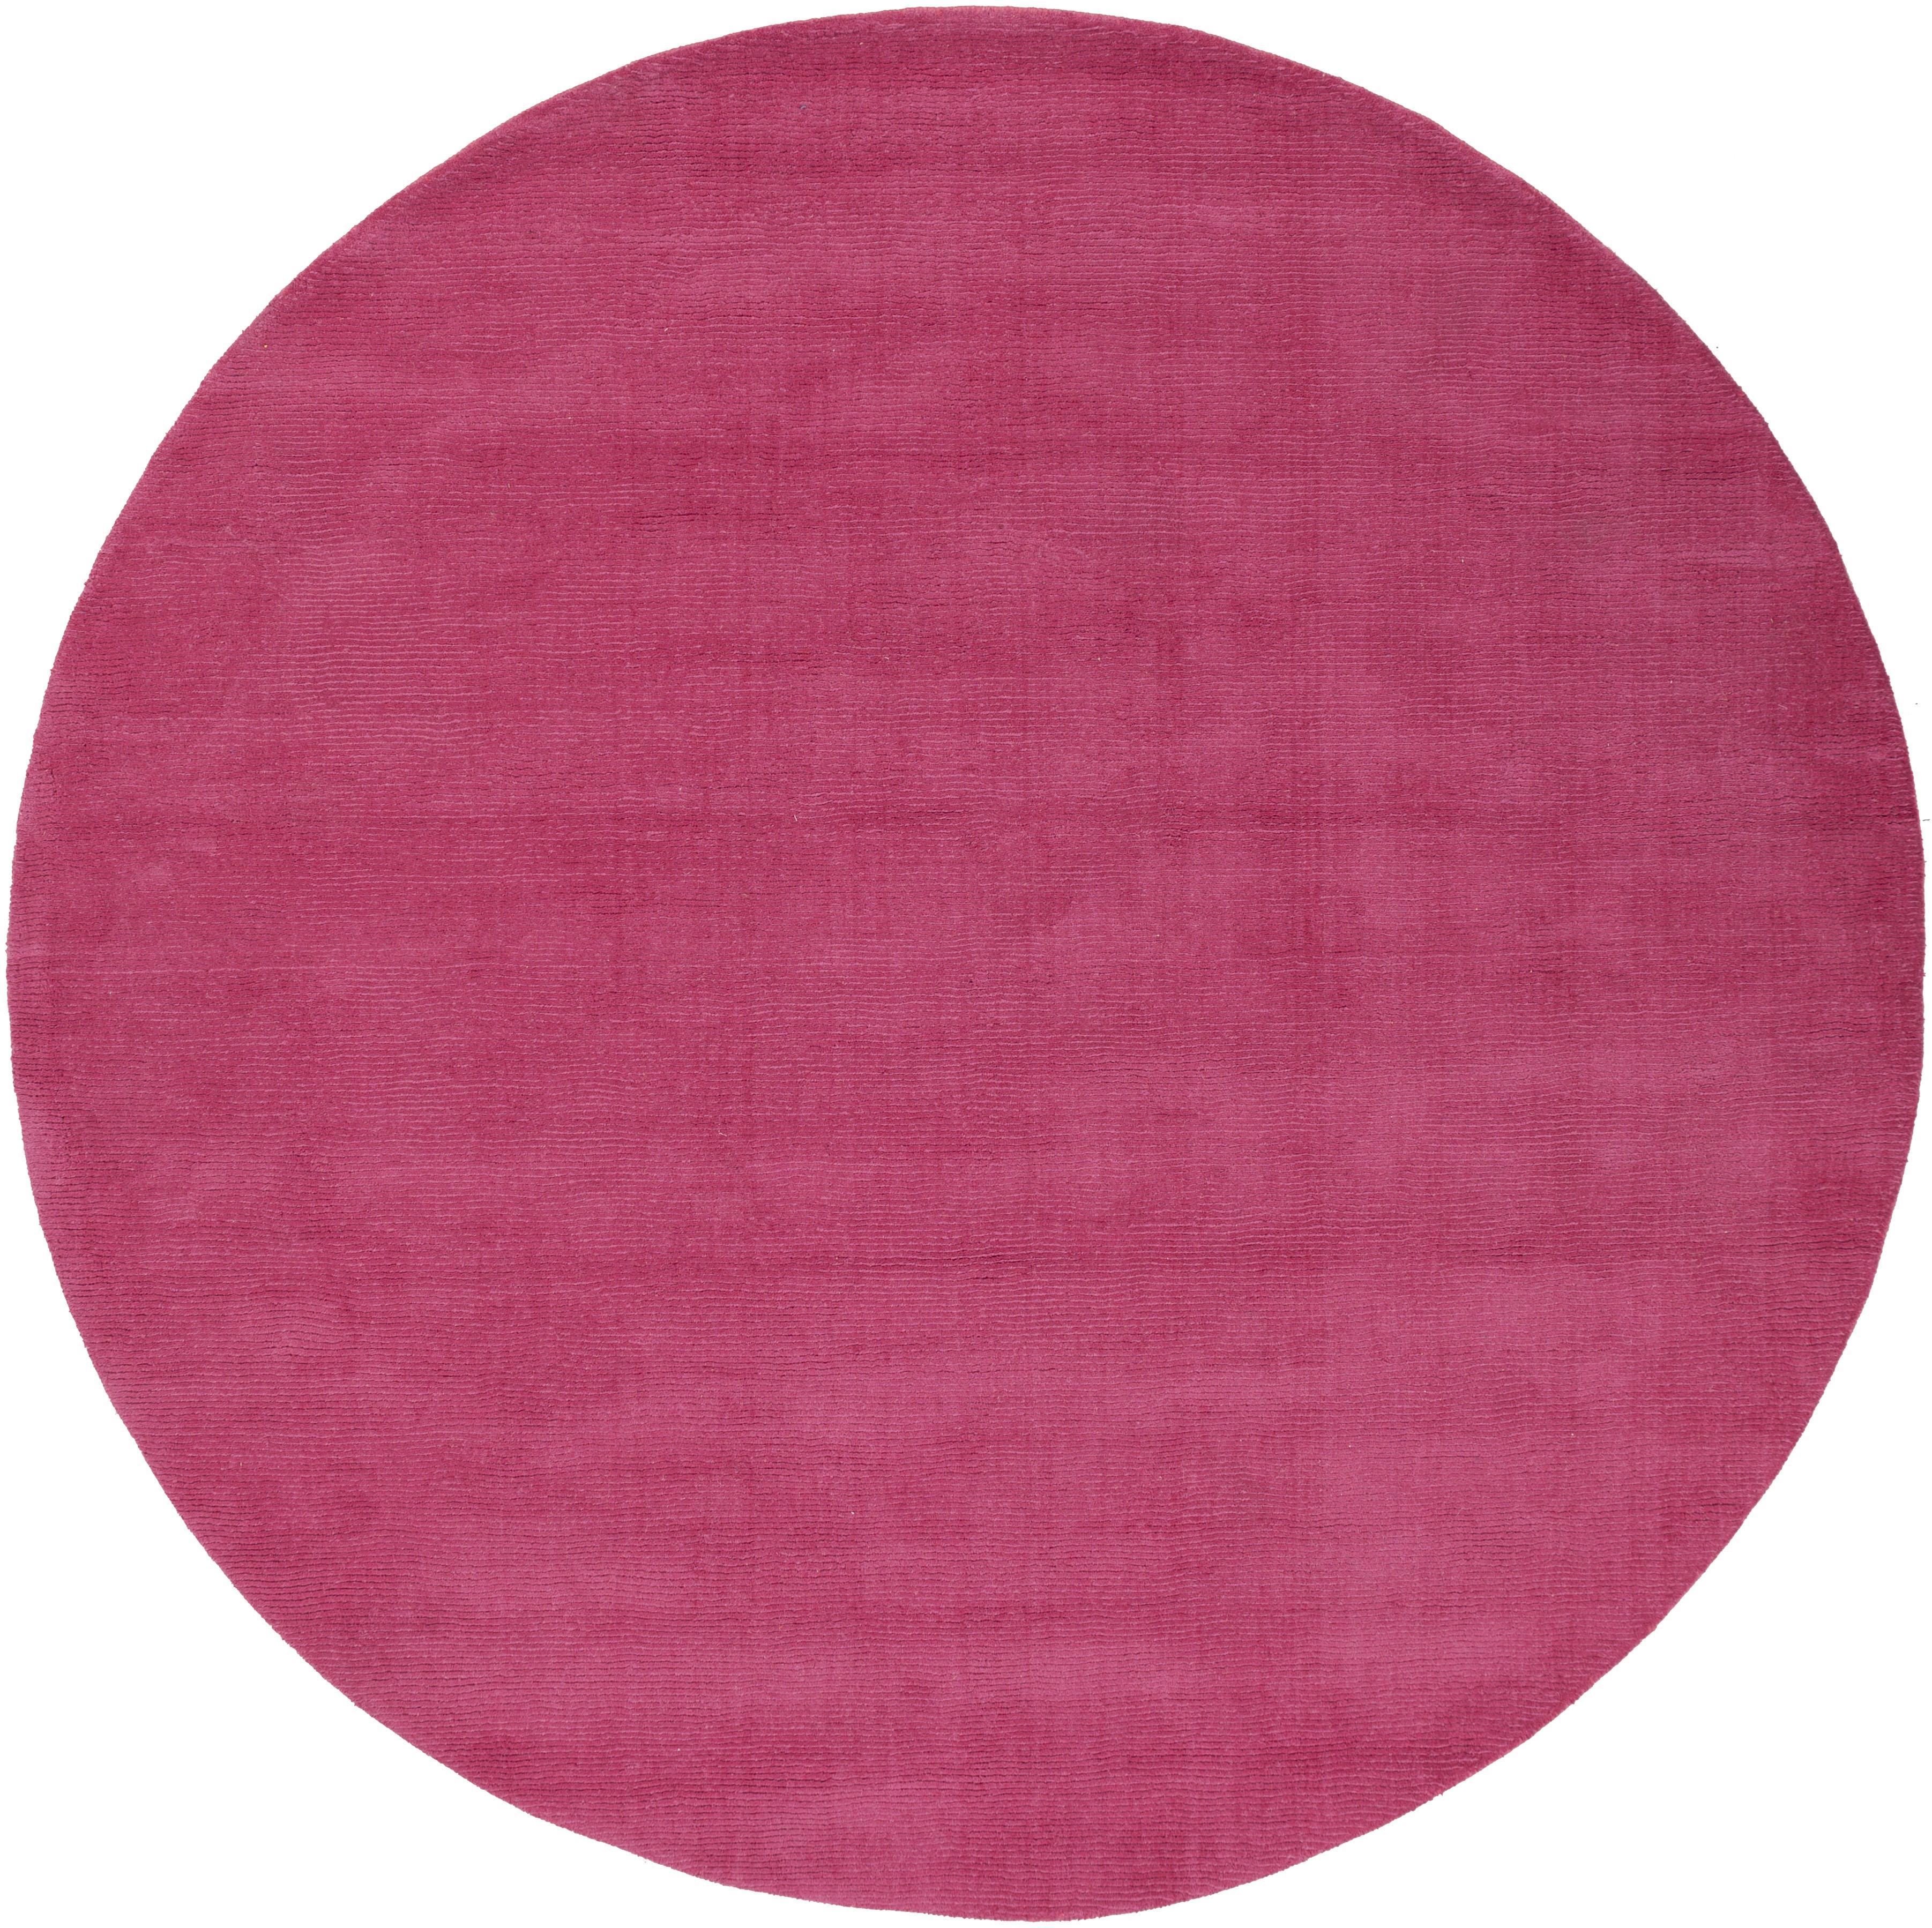 Surya Mystique 8' Round - Item Number: M5327-8RD